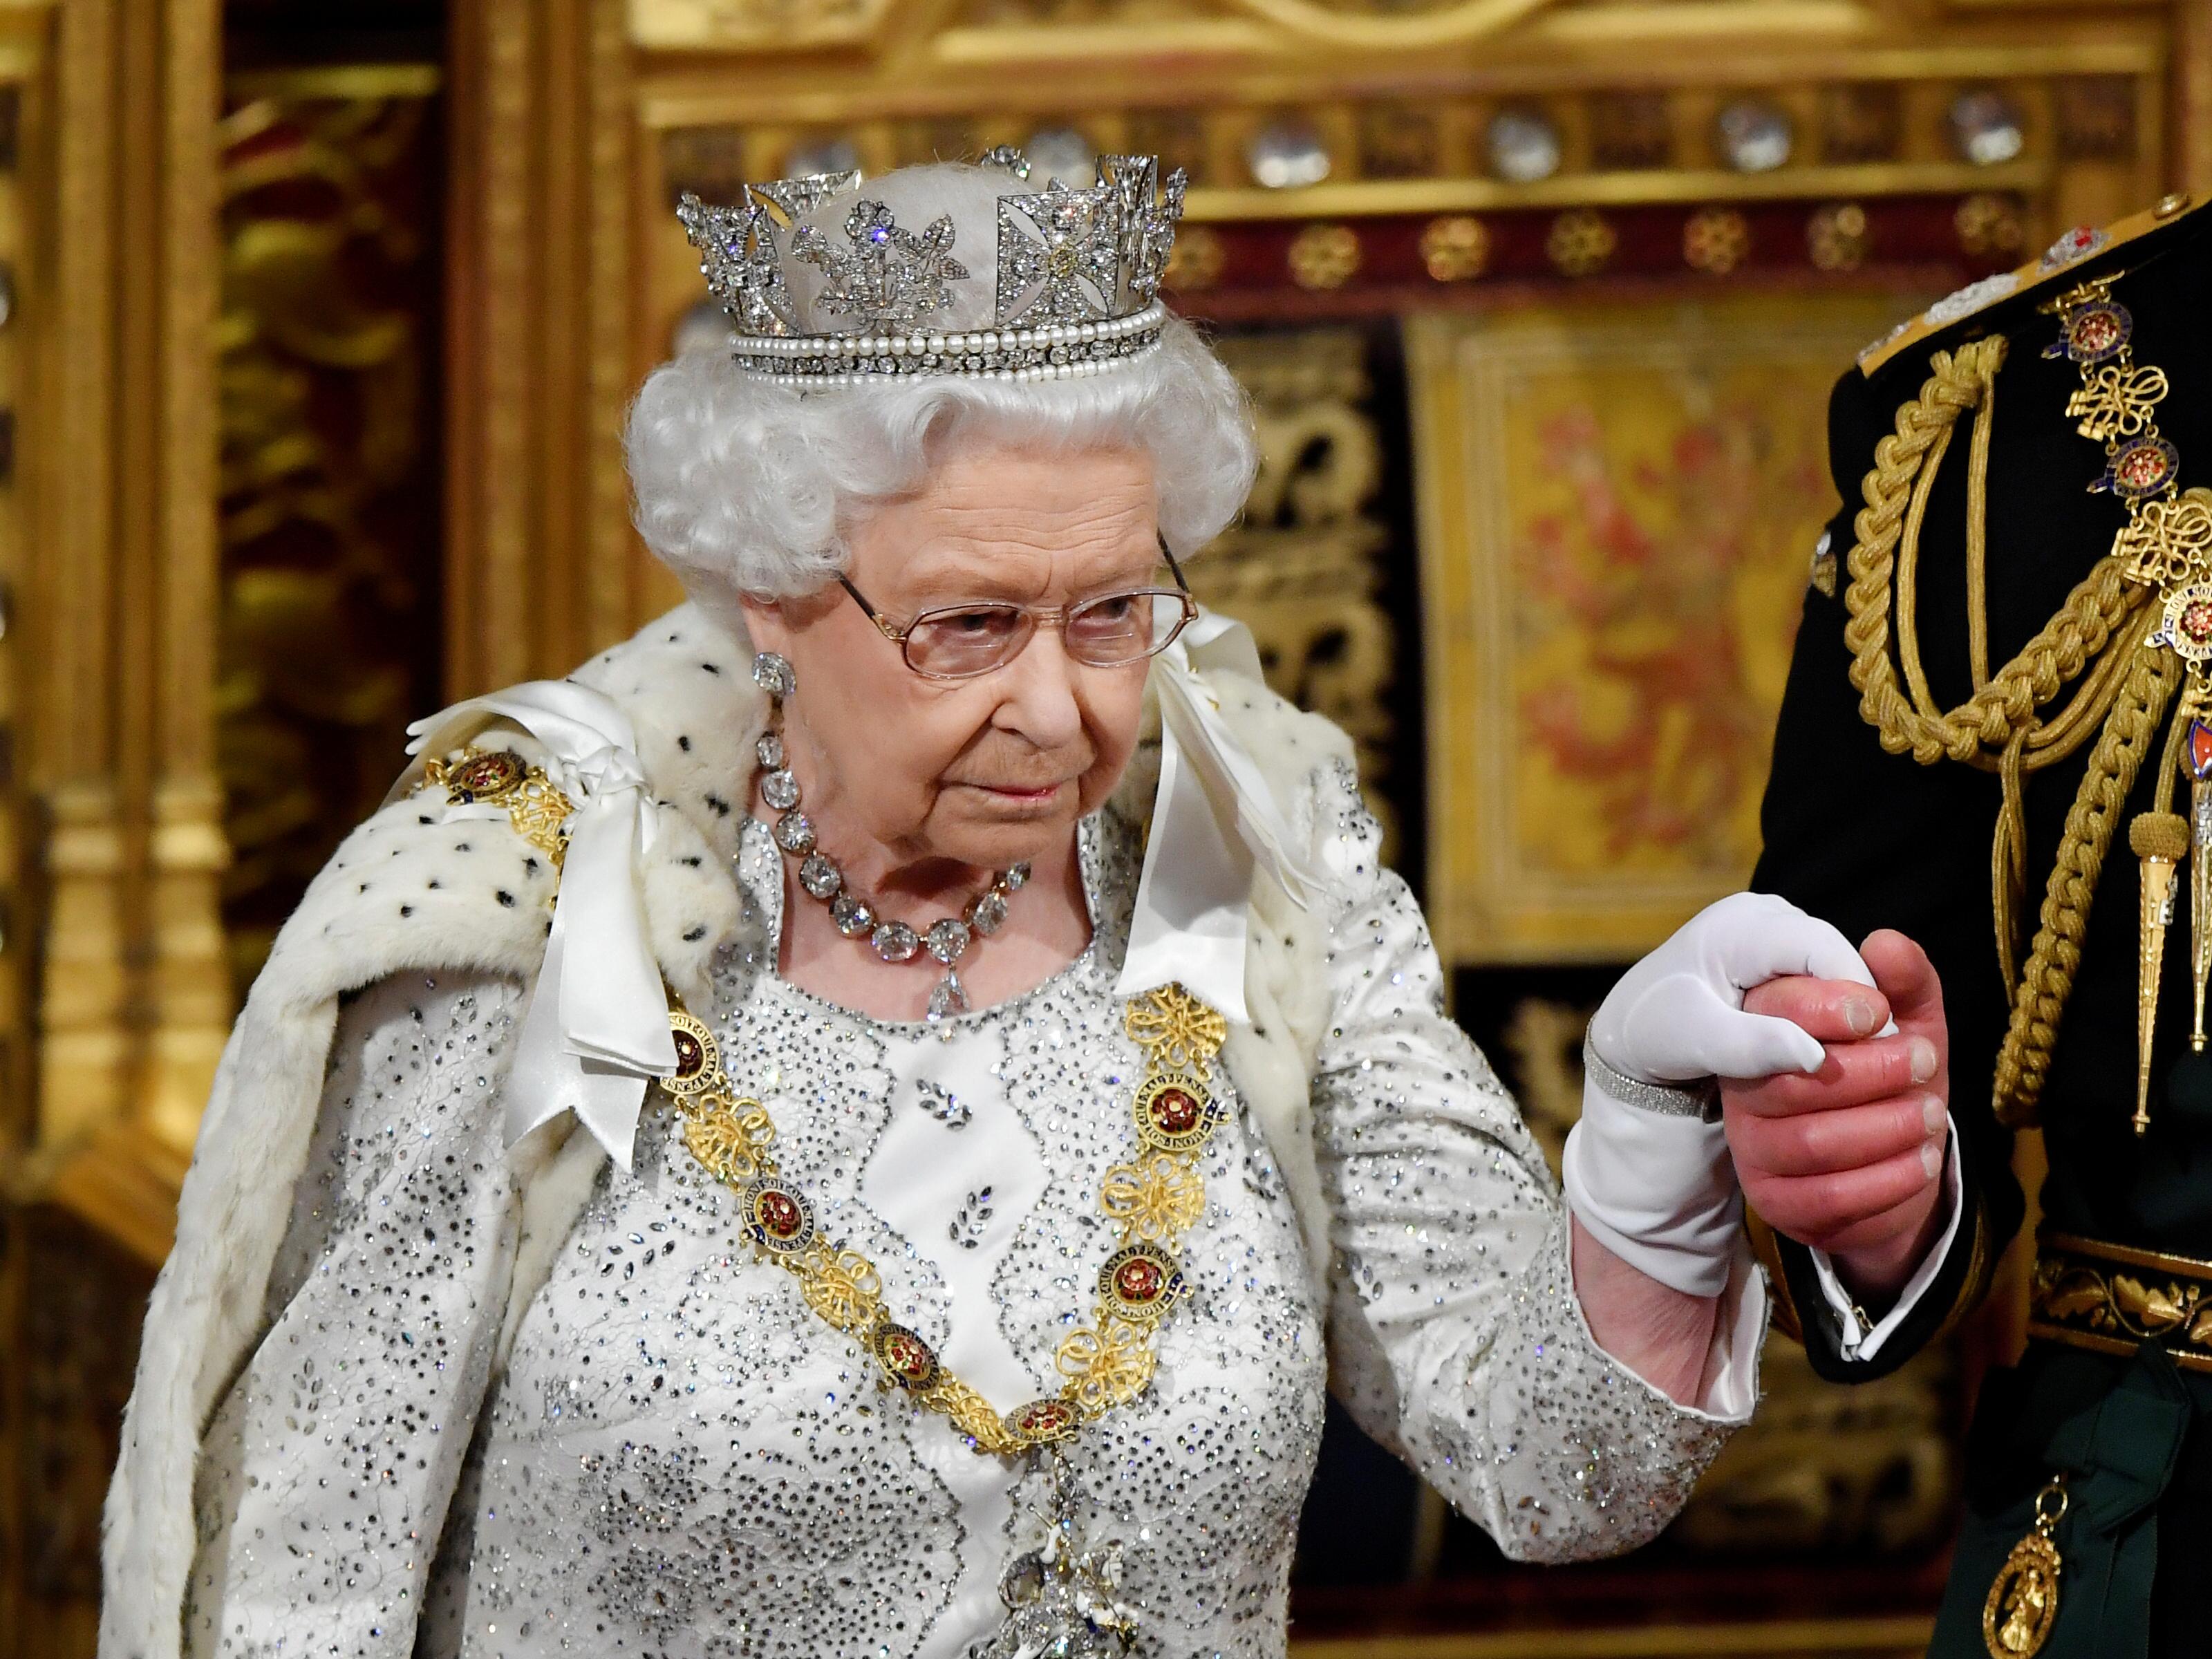 ملكة بريطانيا إليزابيث تغادر مع تشارلز ، أمير ويلز بعد إلقائها خطاب